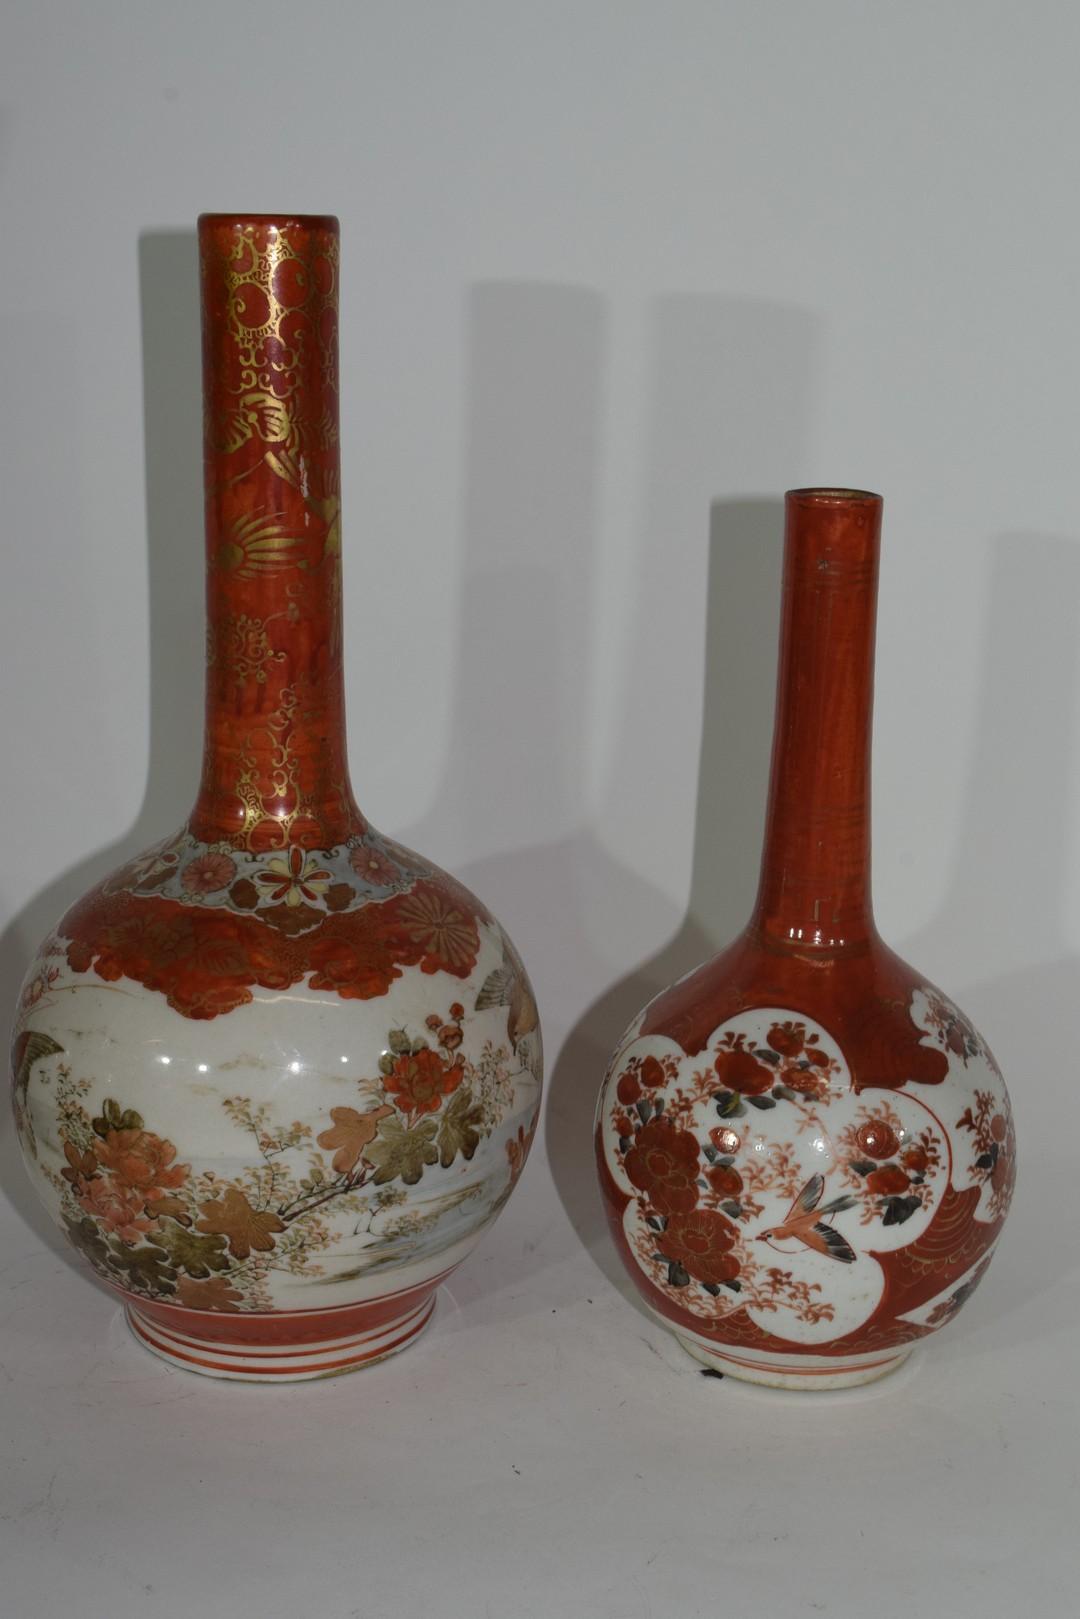 Group of Japanese Kutani style vases - Image 2 of 18